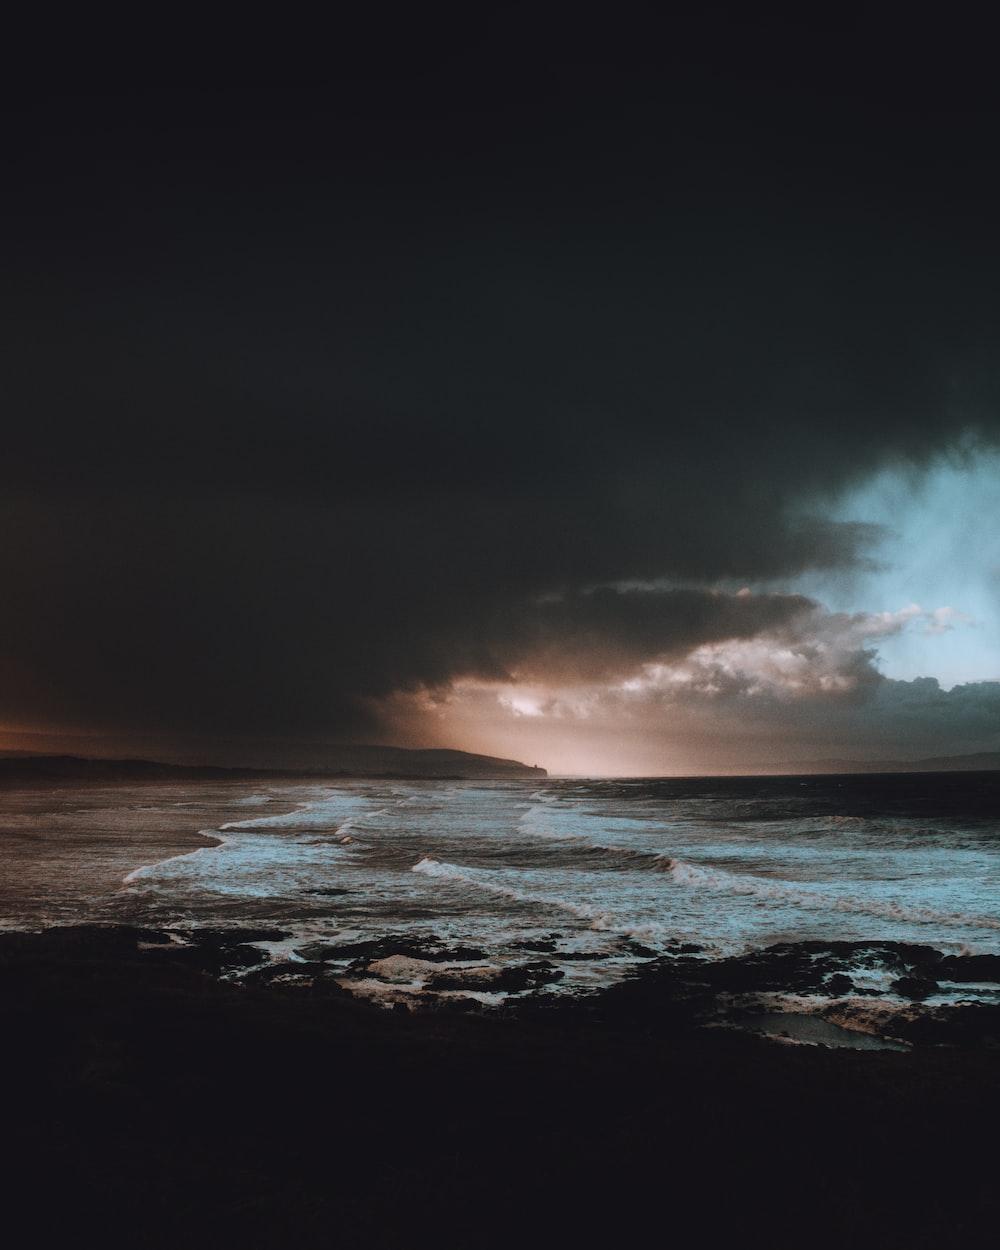 body of water under dark clouds